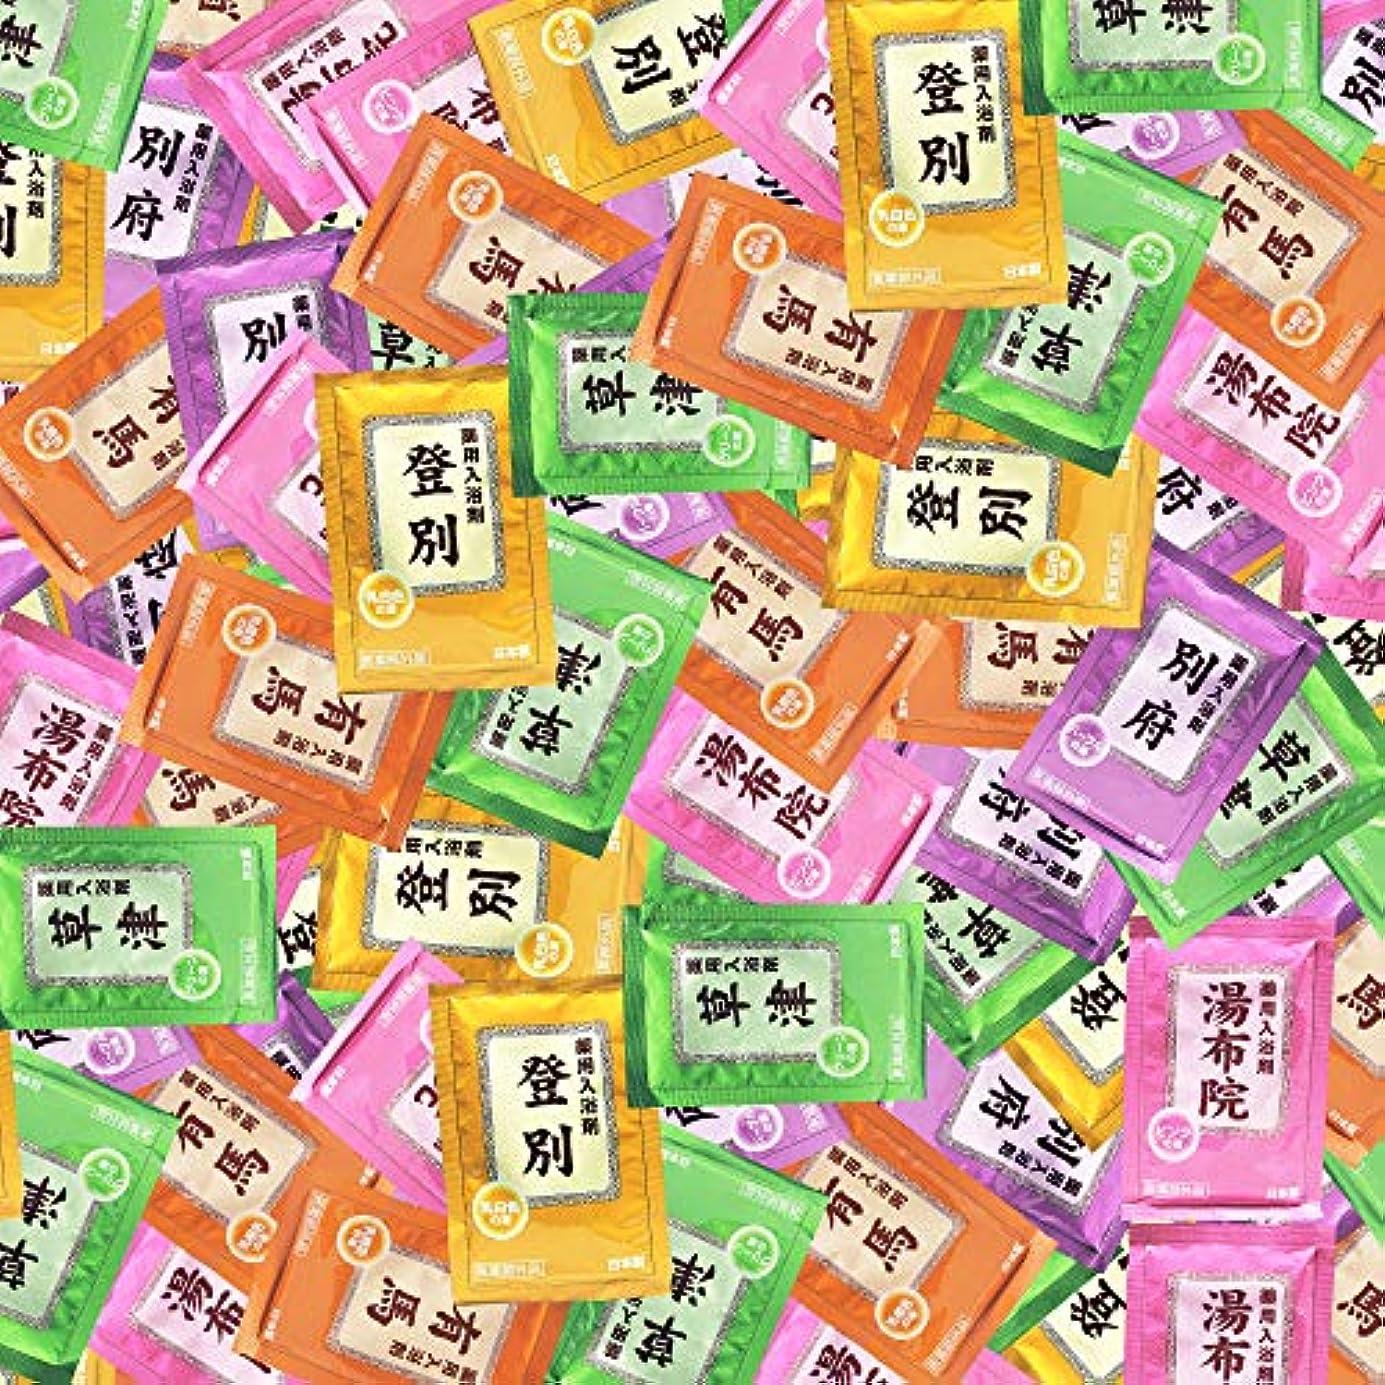 死んでいるマウンド指入浴剤 ギフト プレゼント 湯宿めぐり 5種類 (200袋)セット